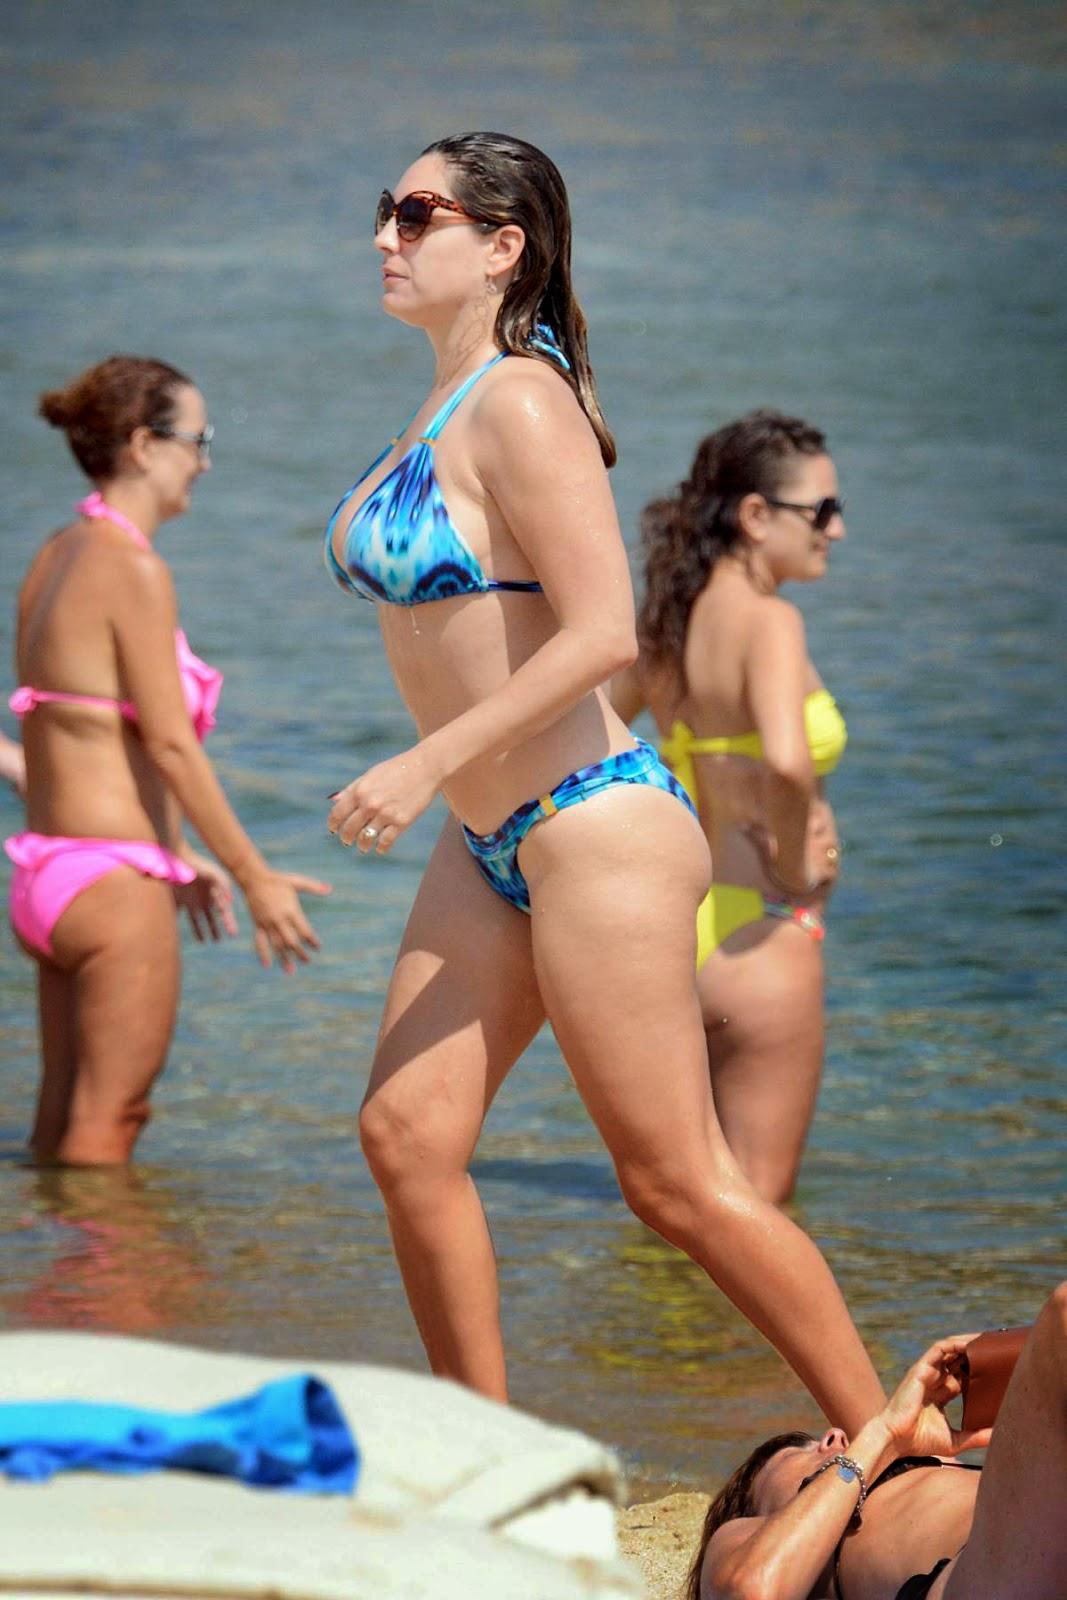 كيلى بروك تخطف الانظار بالبكينى على شواطئ اليونان - KELLY BROOK in Bikini at a Beach in Greece